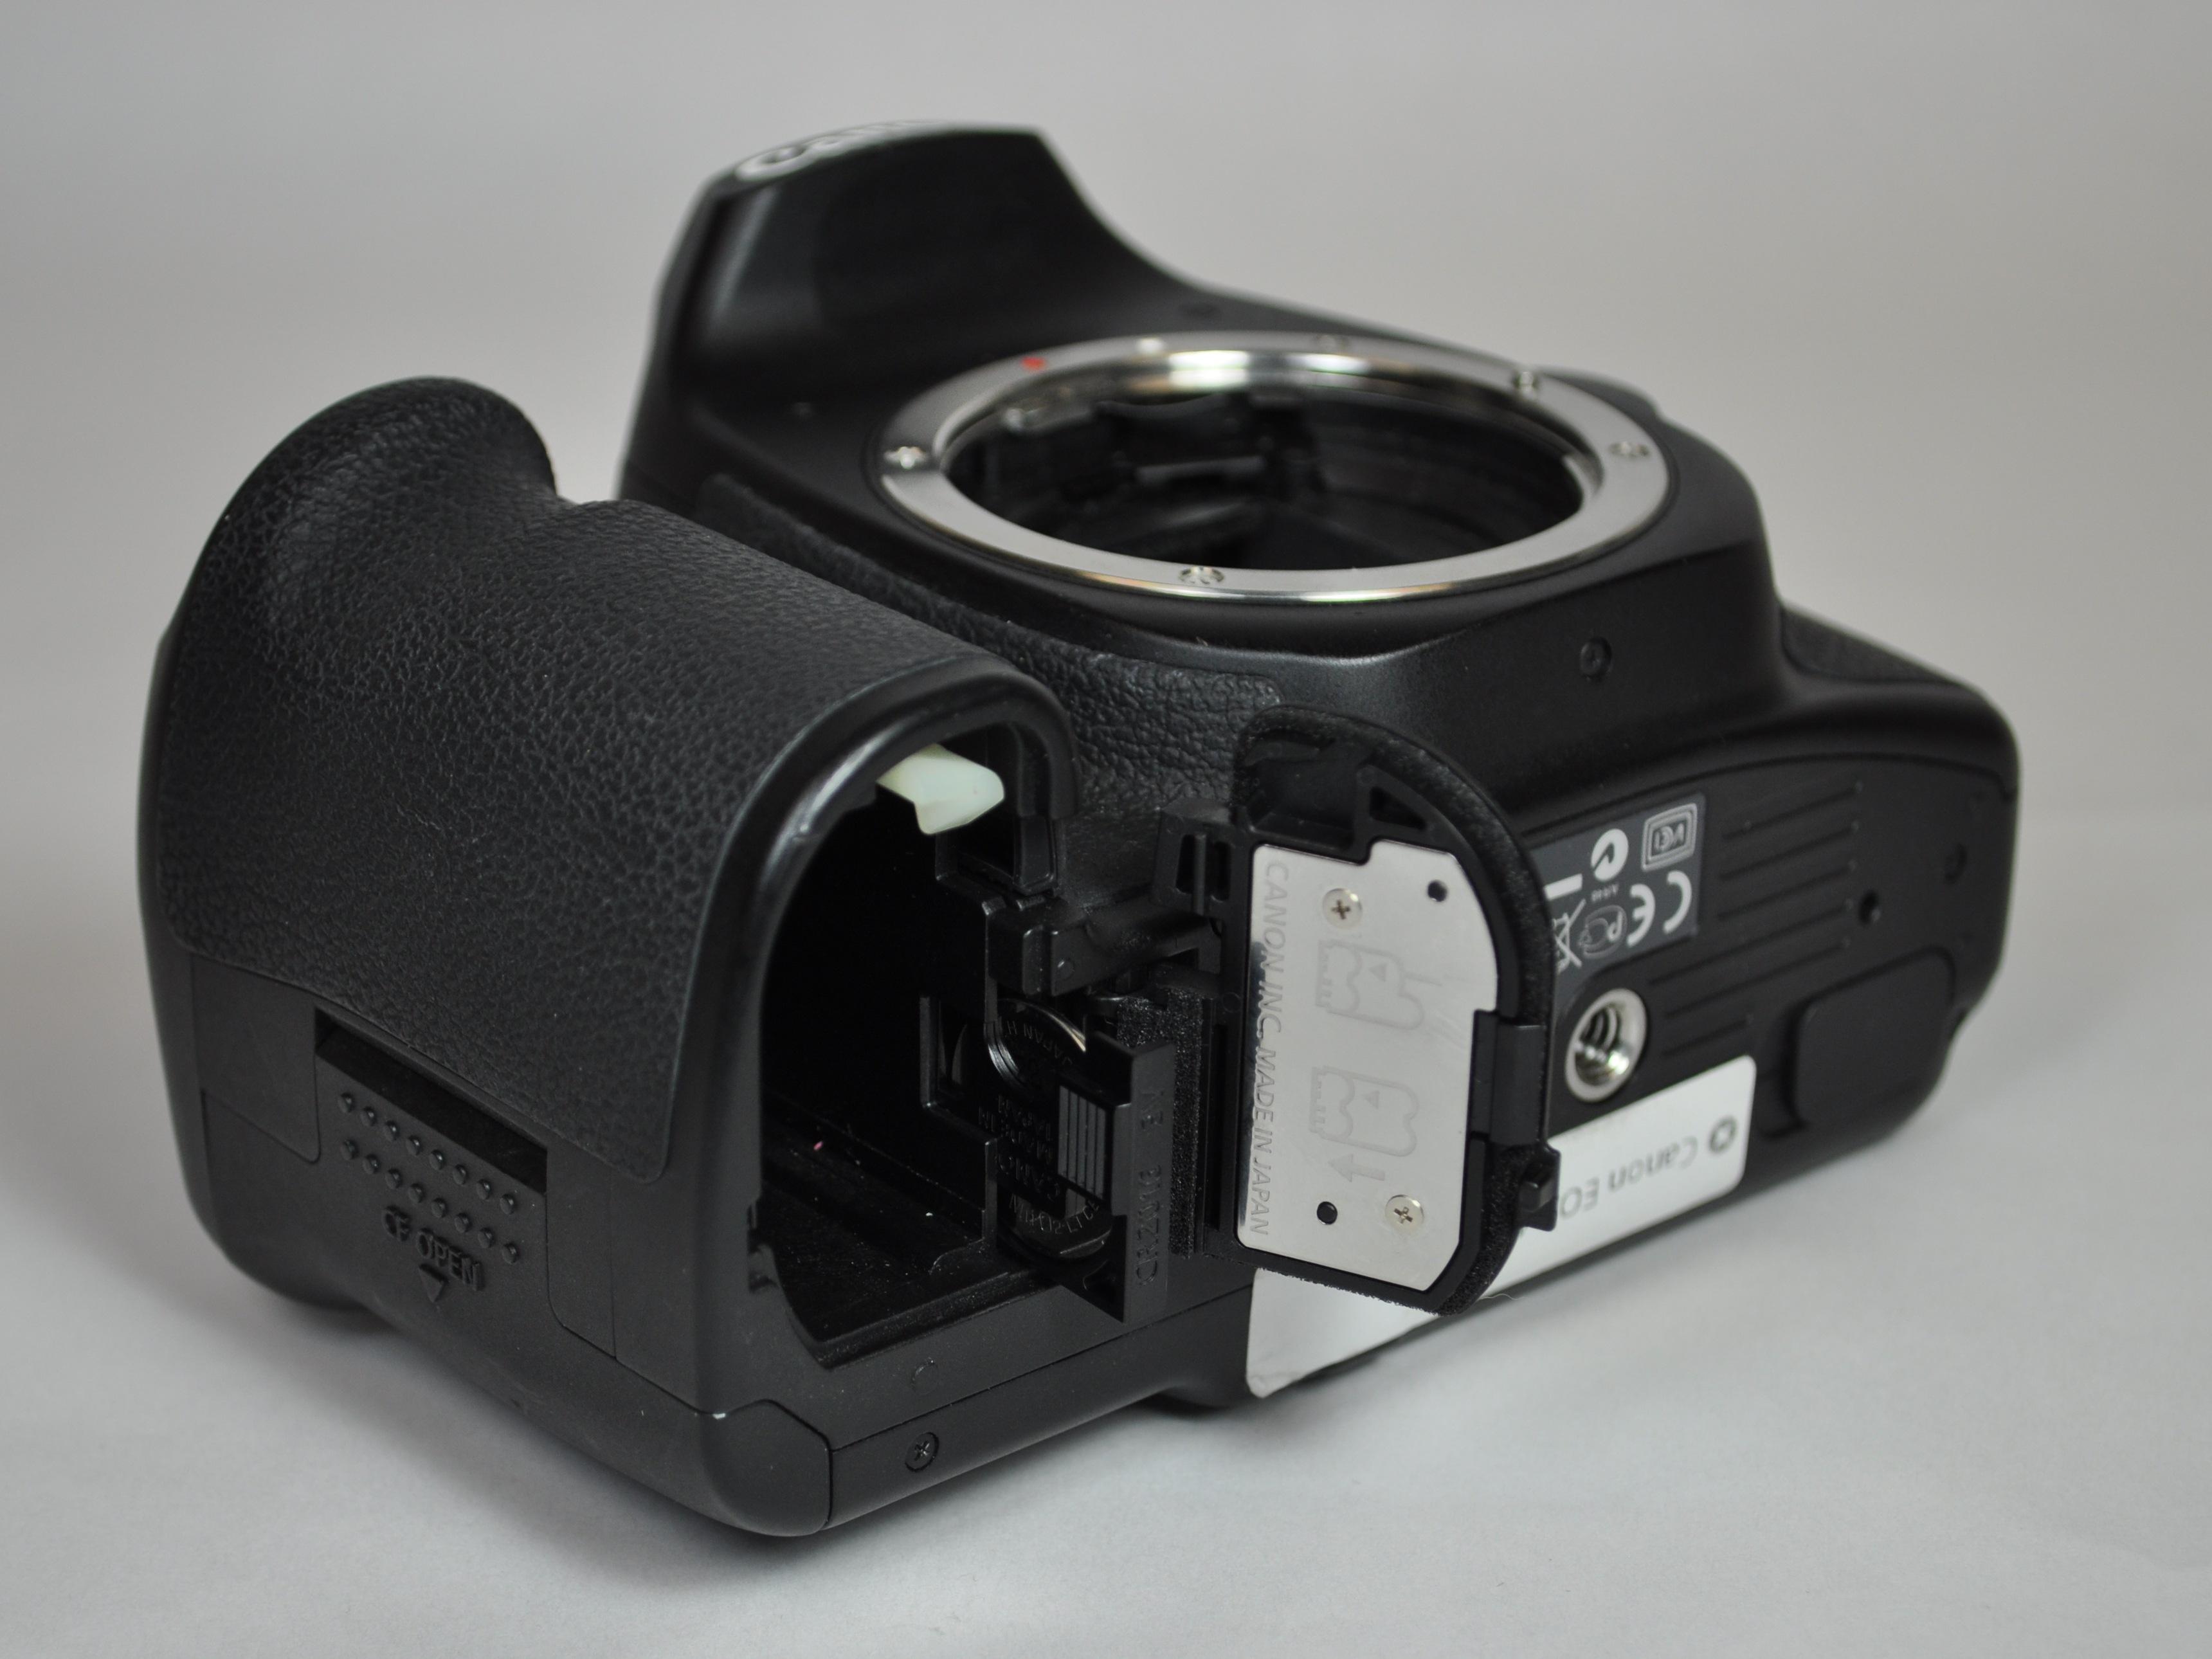 canon eos 40d ifixit rh ifixit com canon 40d service manual pdf eos 40d service manual